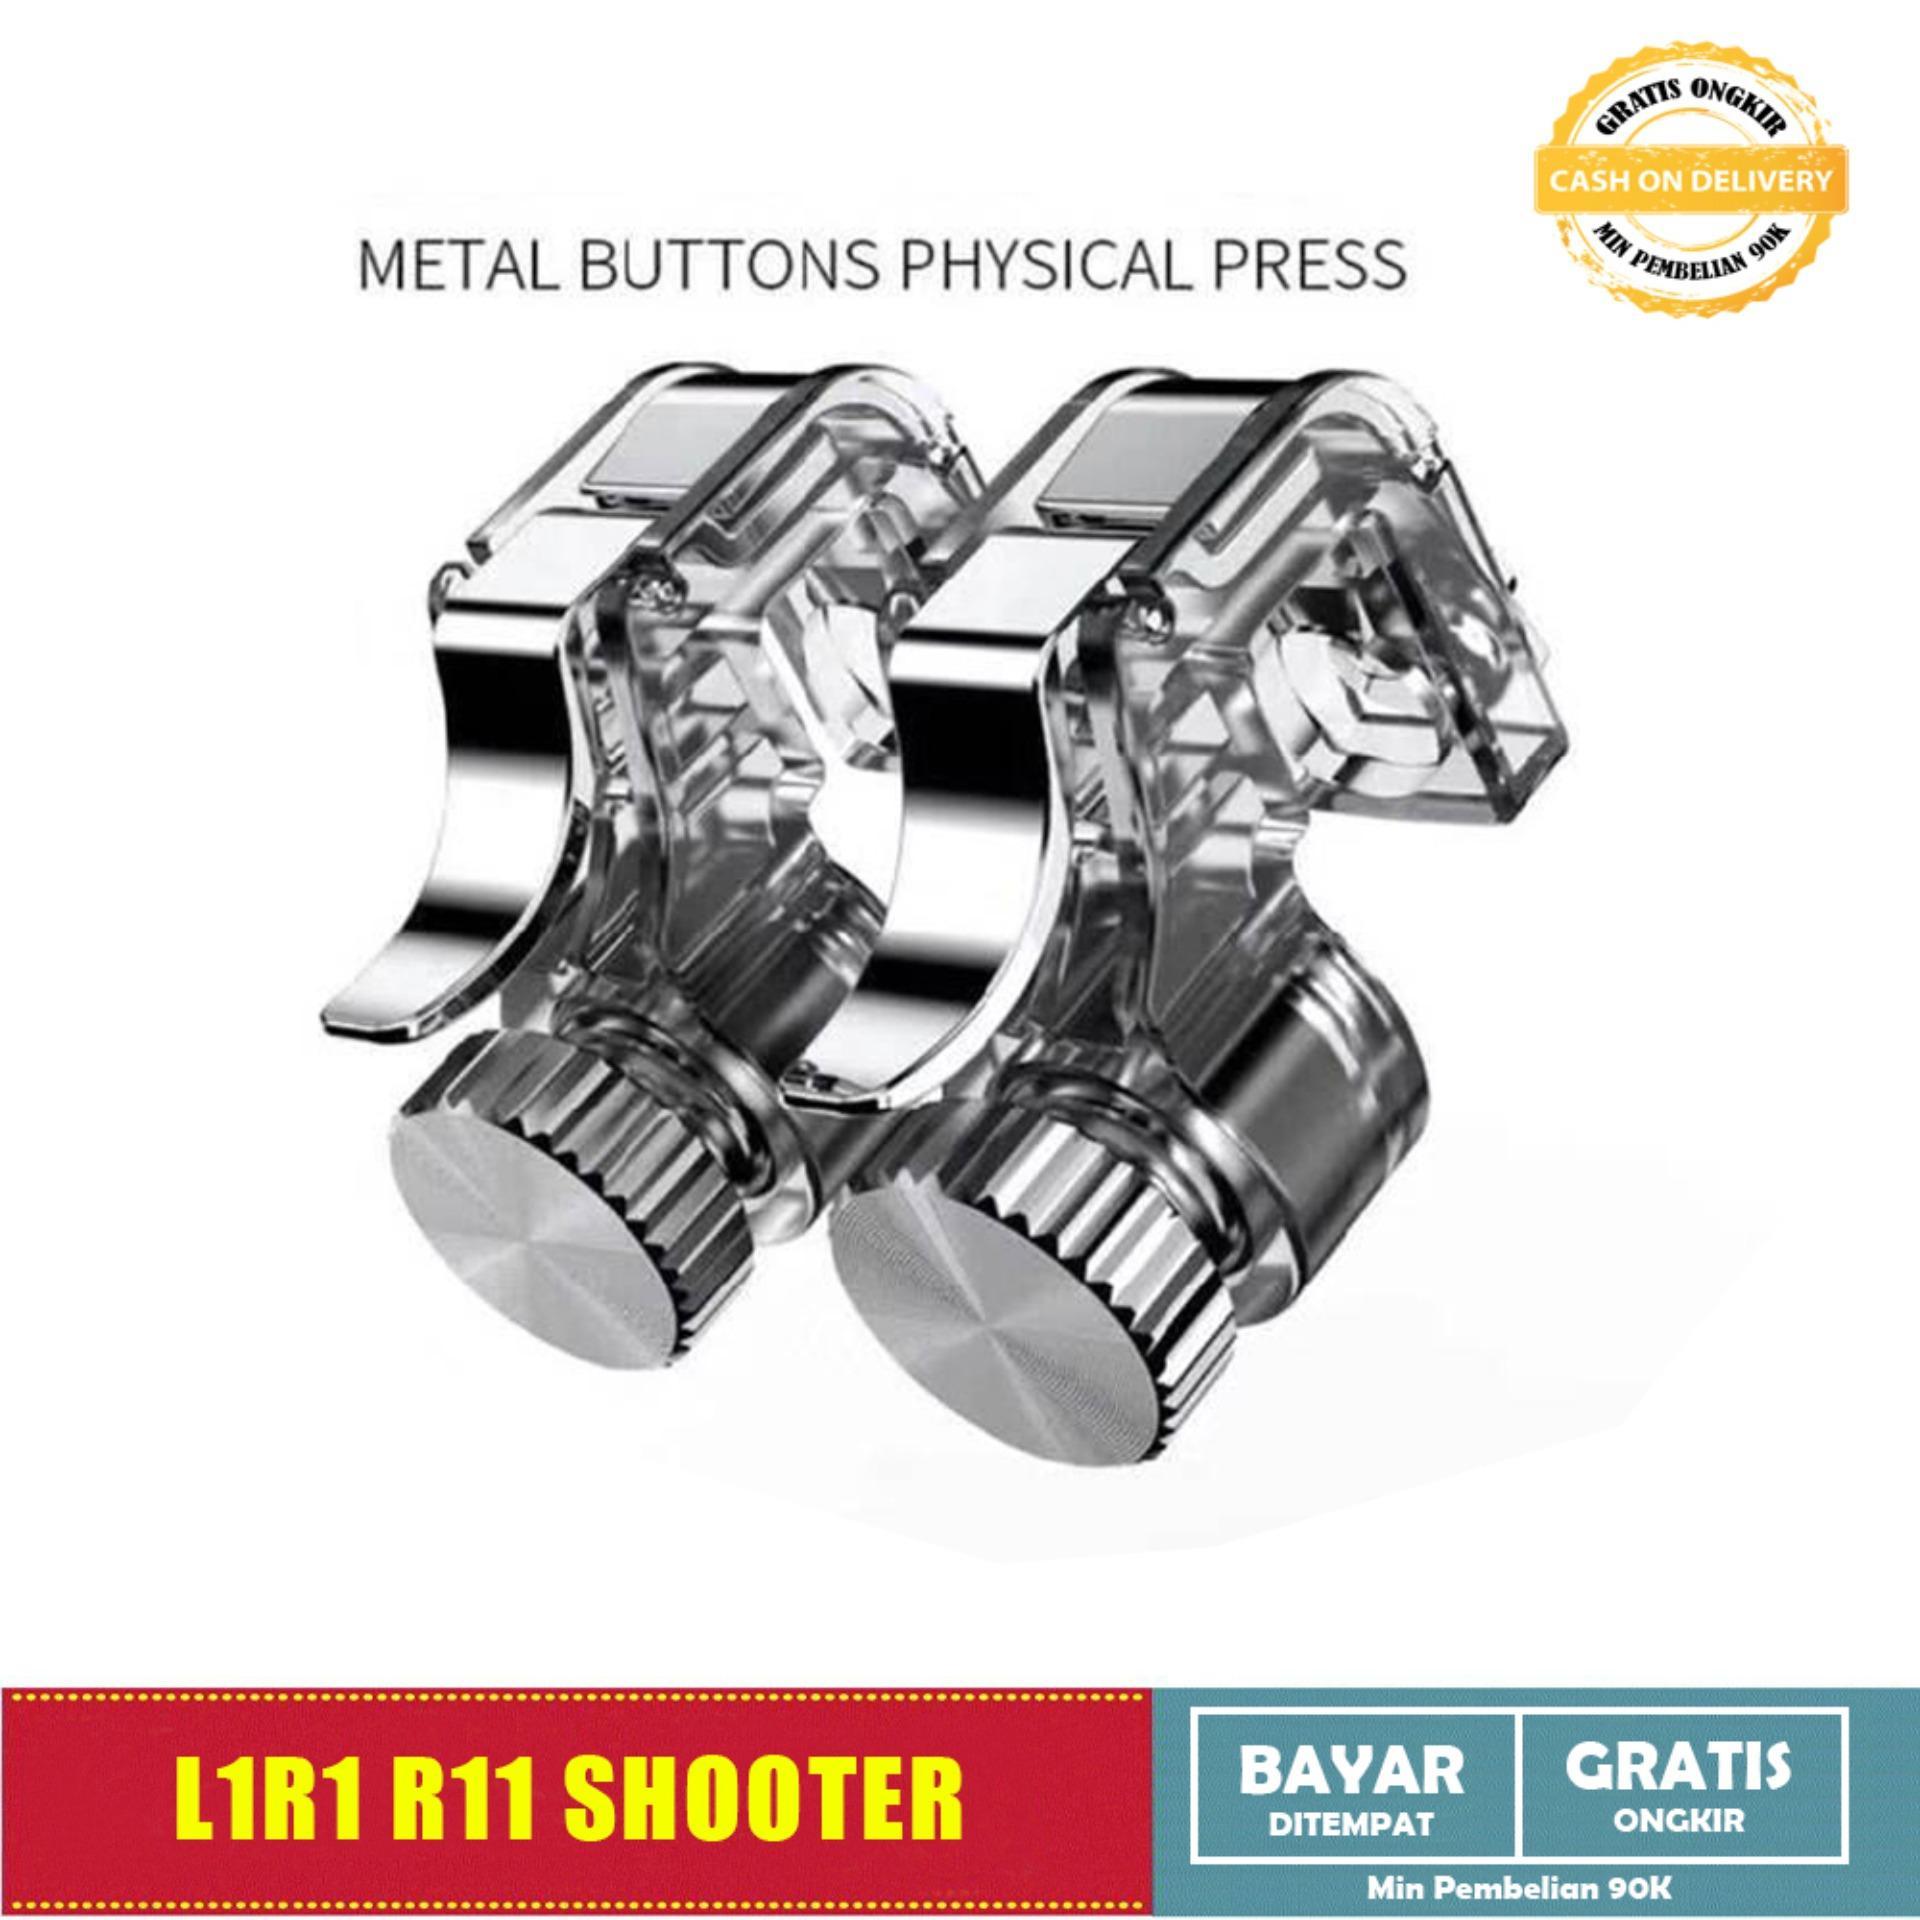 L1r1 R11 Besi / Metal R1l1 Fire Button Pubg Ros Free Firefps Triggers Tombol R1l1 L1r1 By All Item Store.